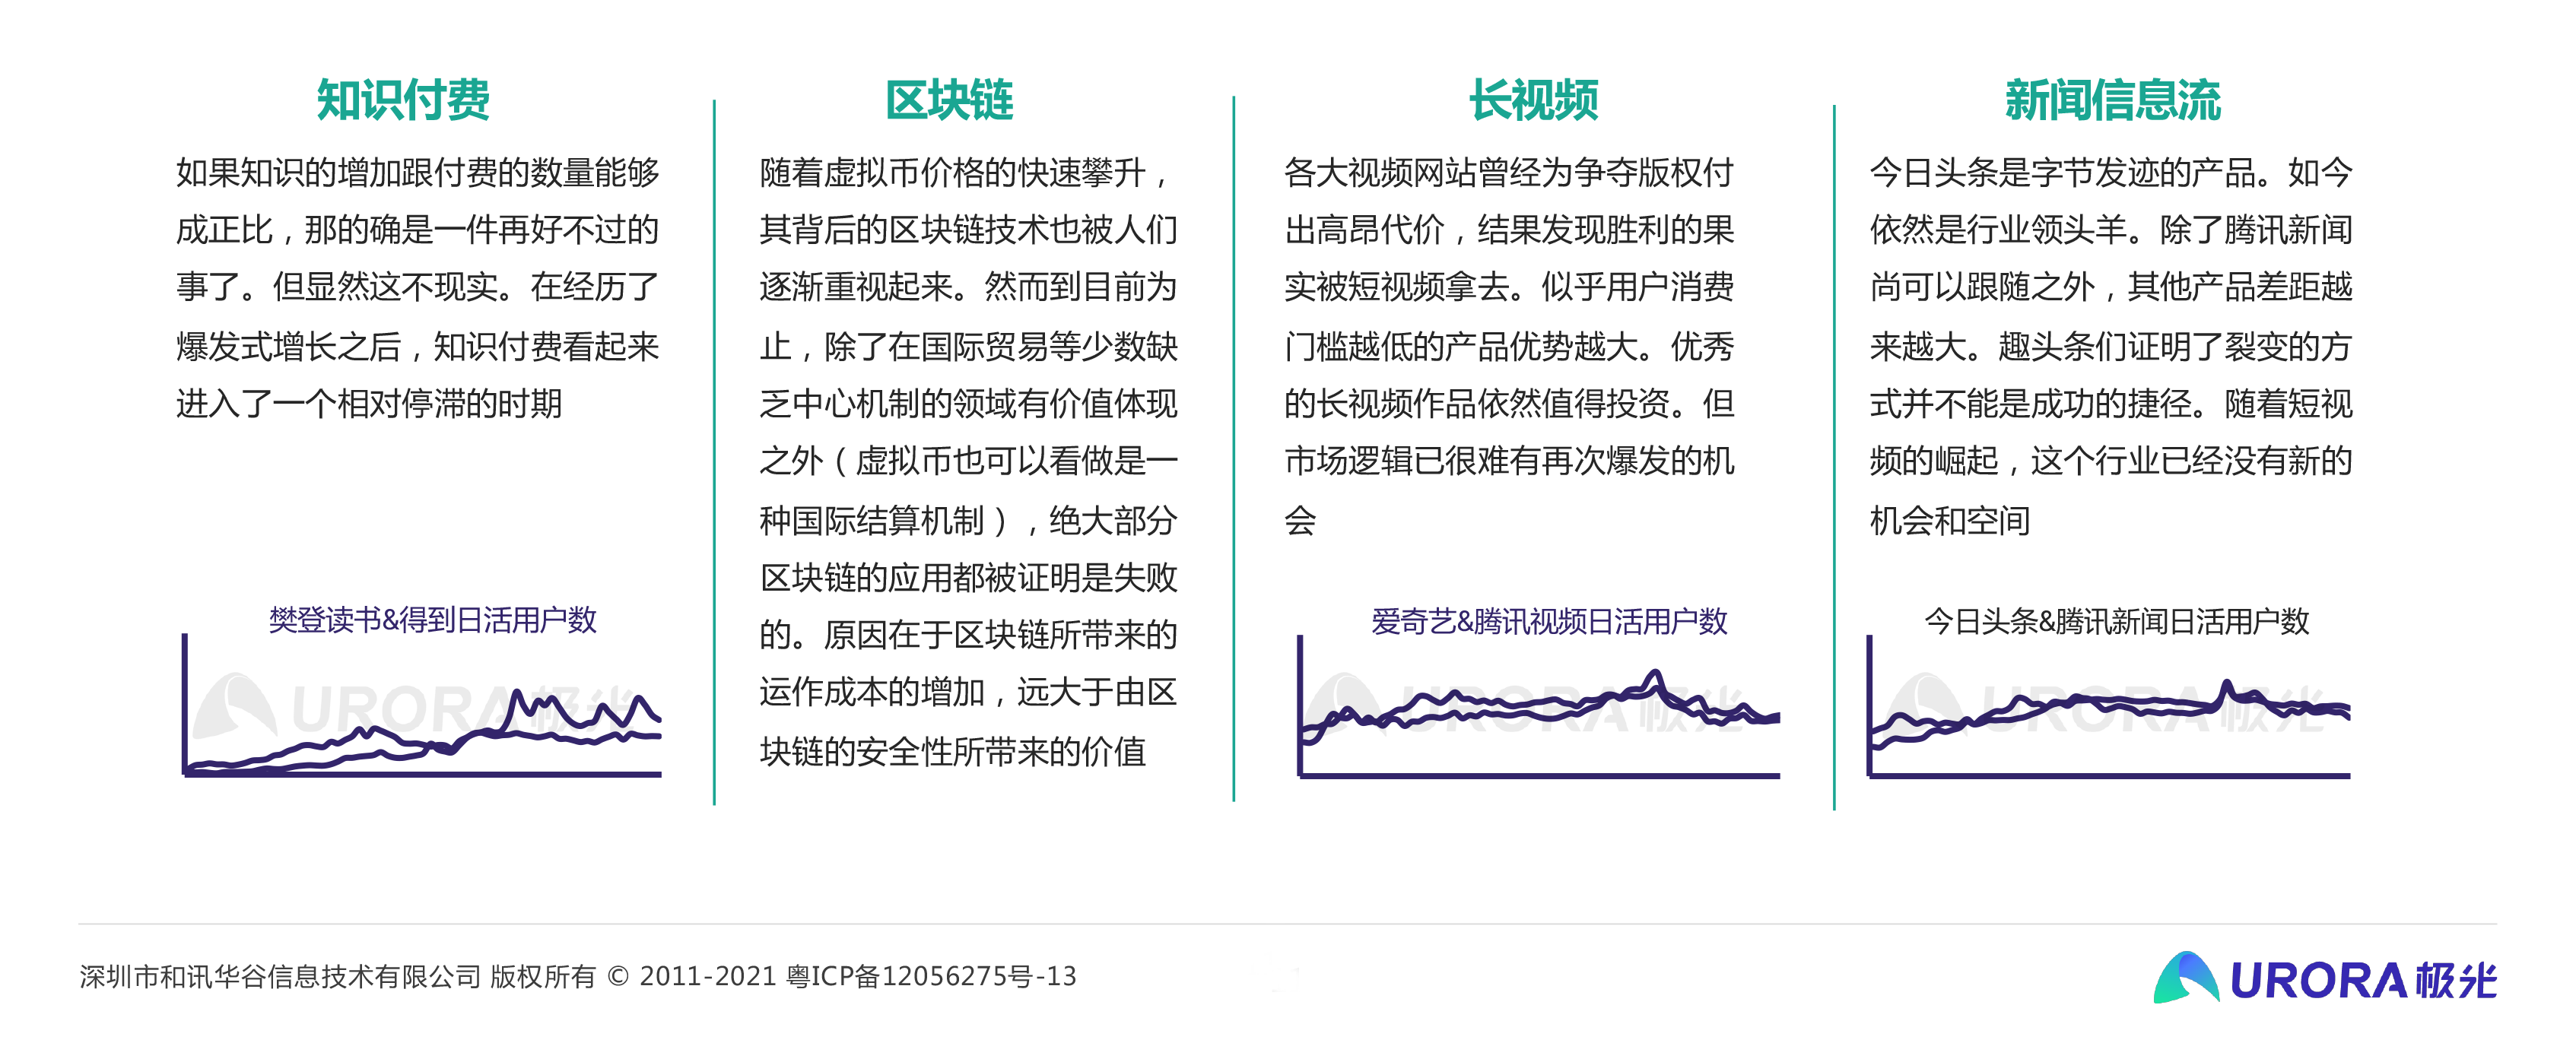 移动互联网5年回顾与展望0730定稿-11.png